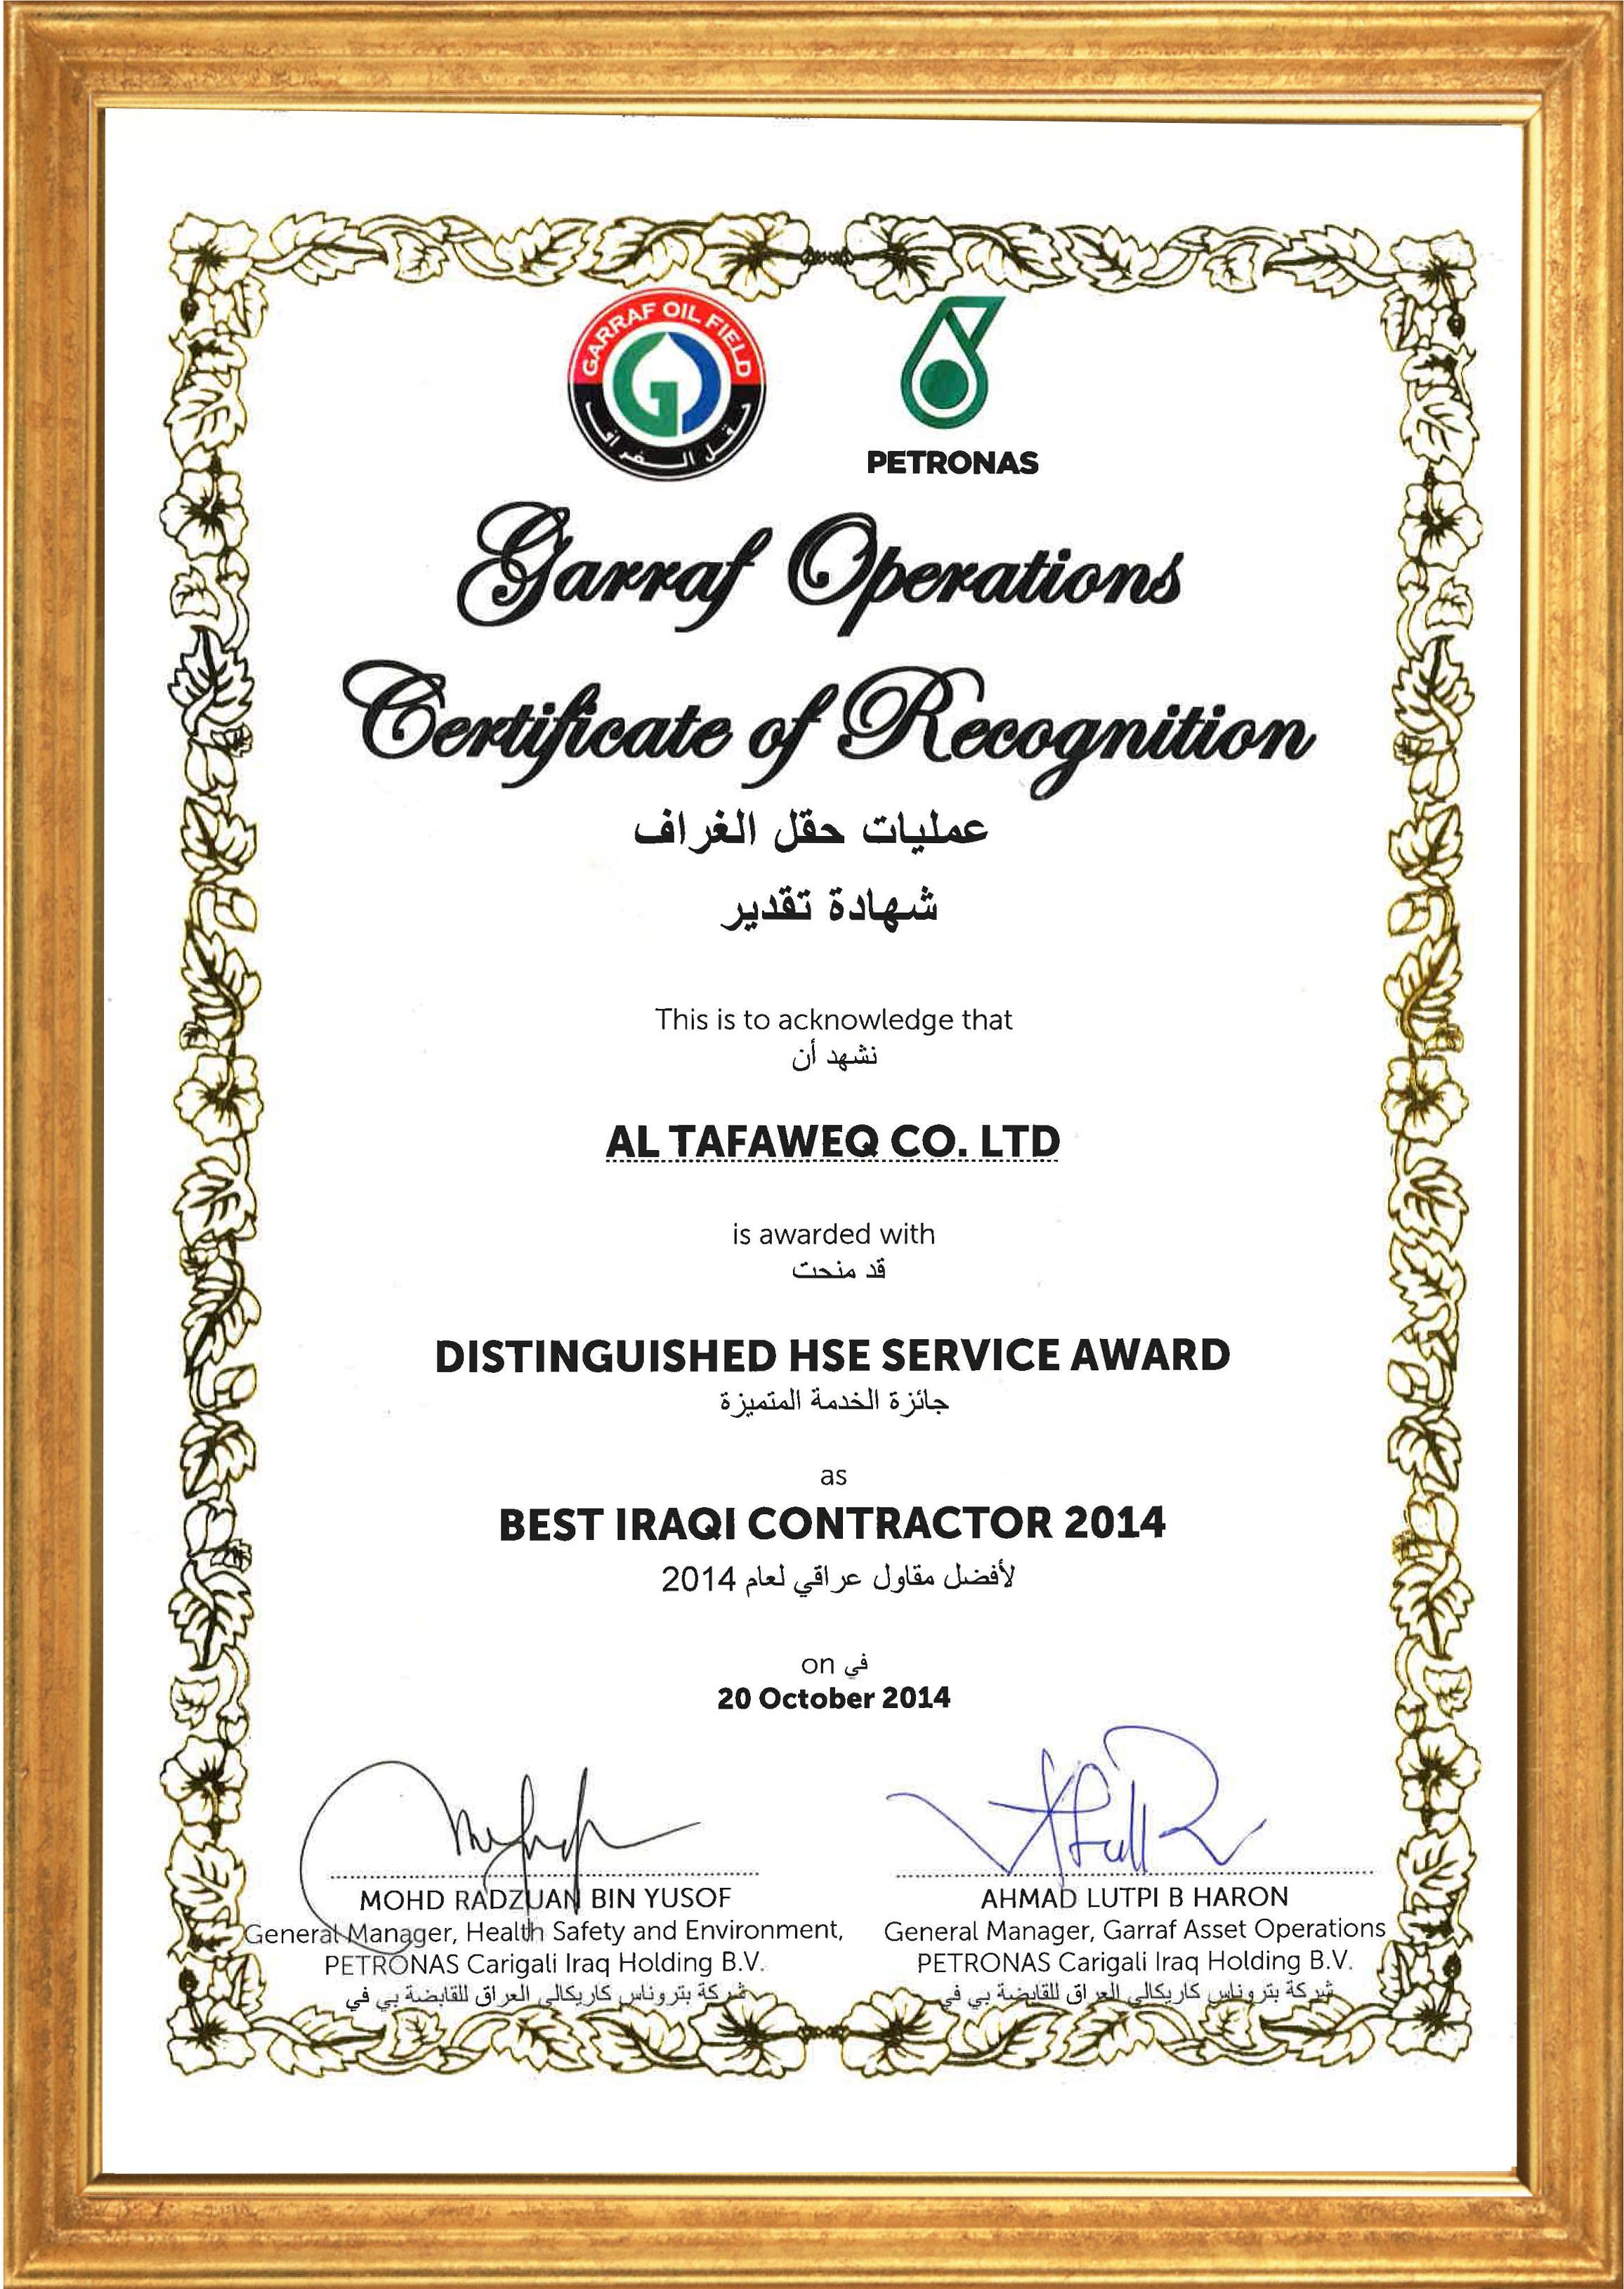 Best Iraqi Contractor 2014